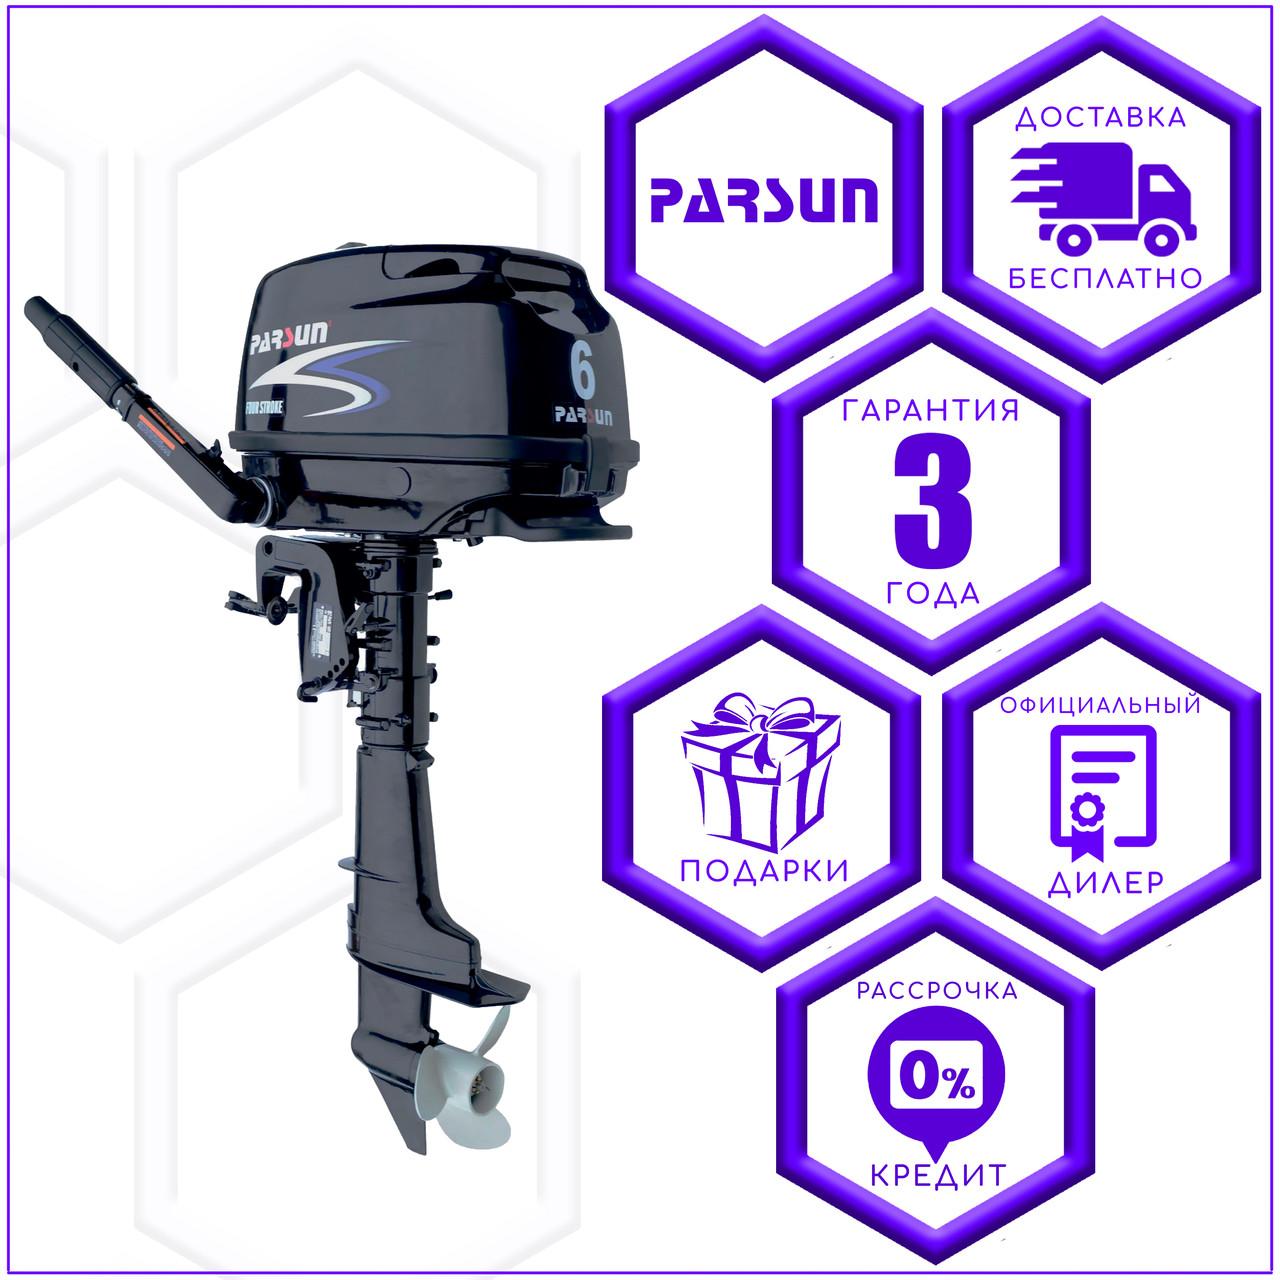 Четырехтактный мотор на цифровом зажигании Parsun F6A BMS